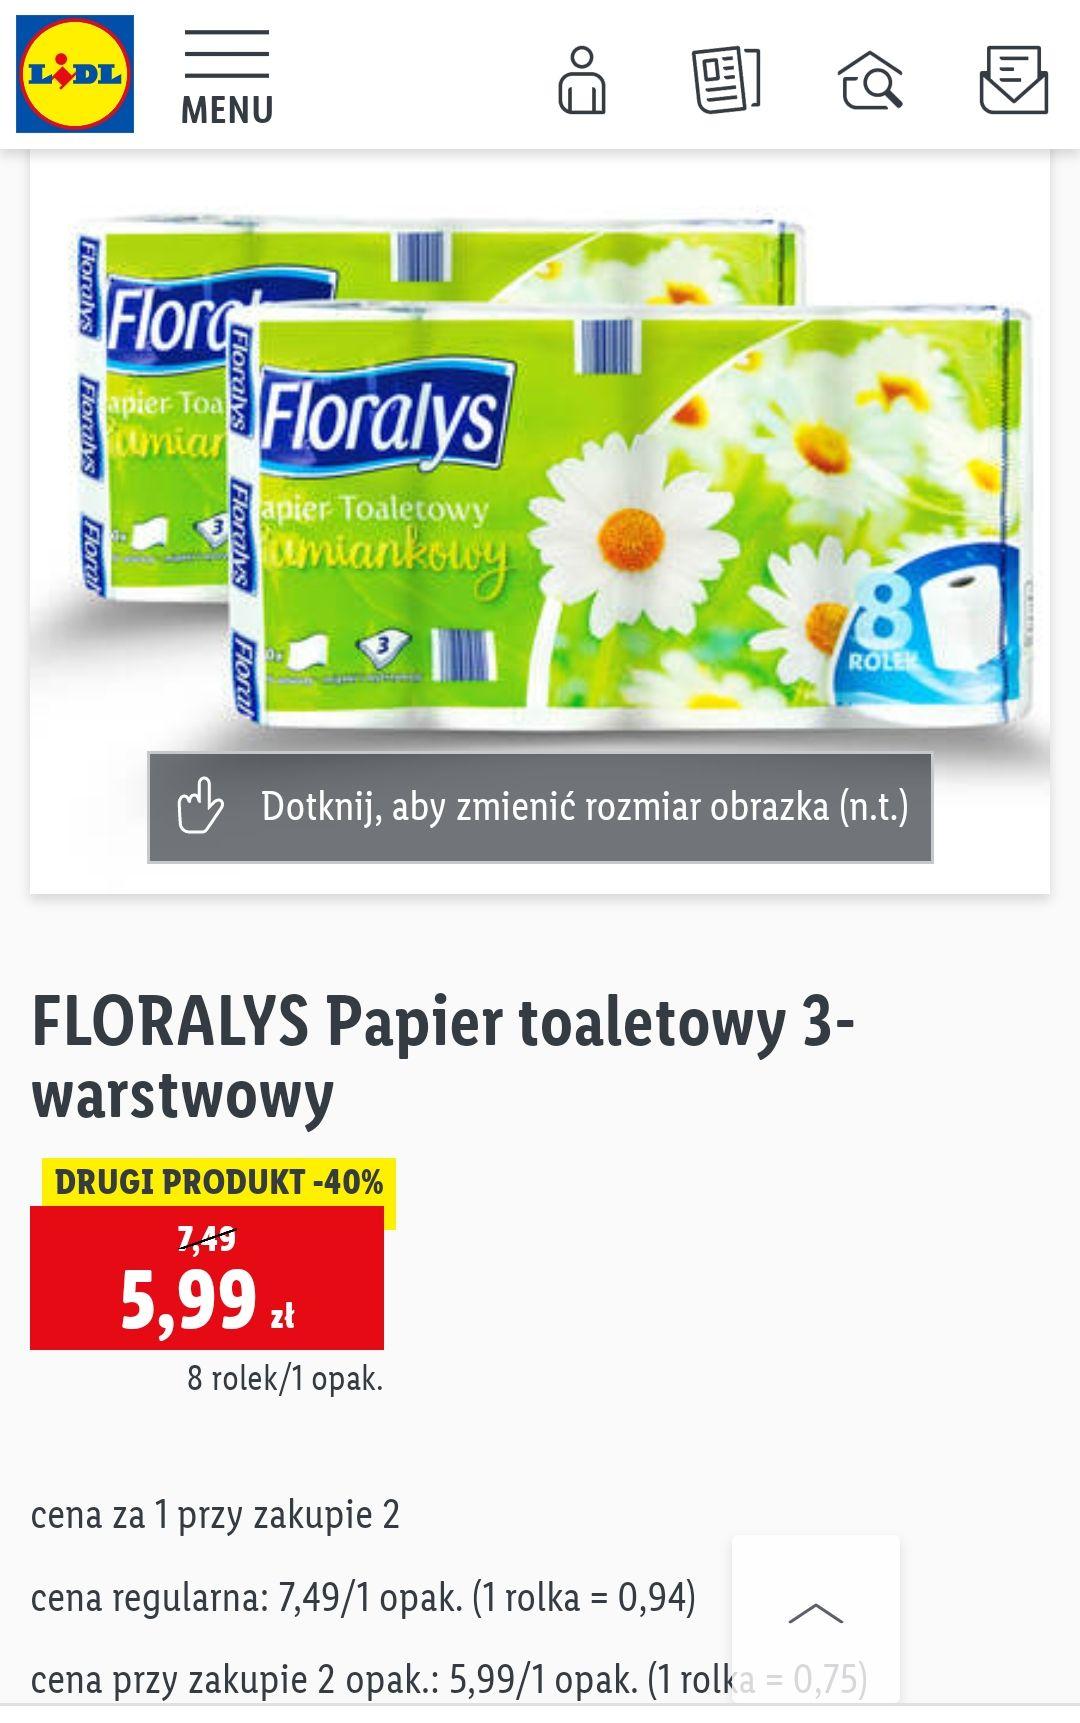 Papier toaletowy Floralys 3-warstwowy w Lidl. Cena przy zakupie dwóch.